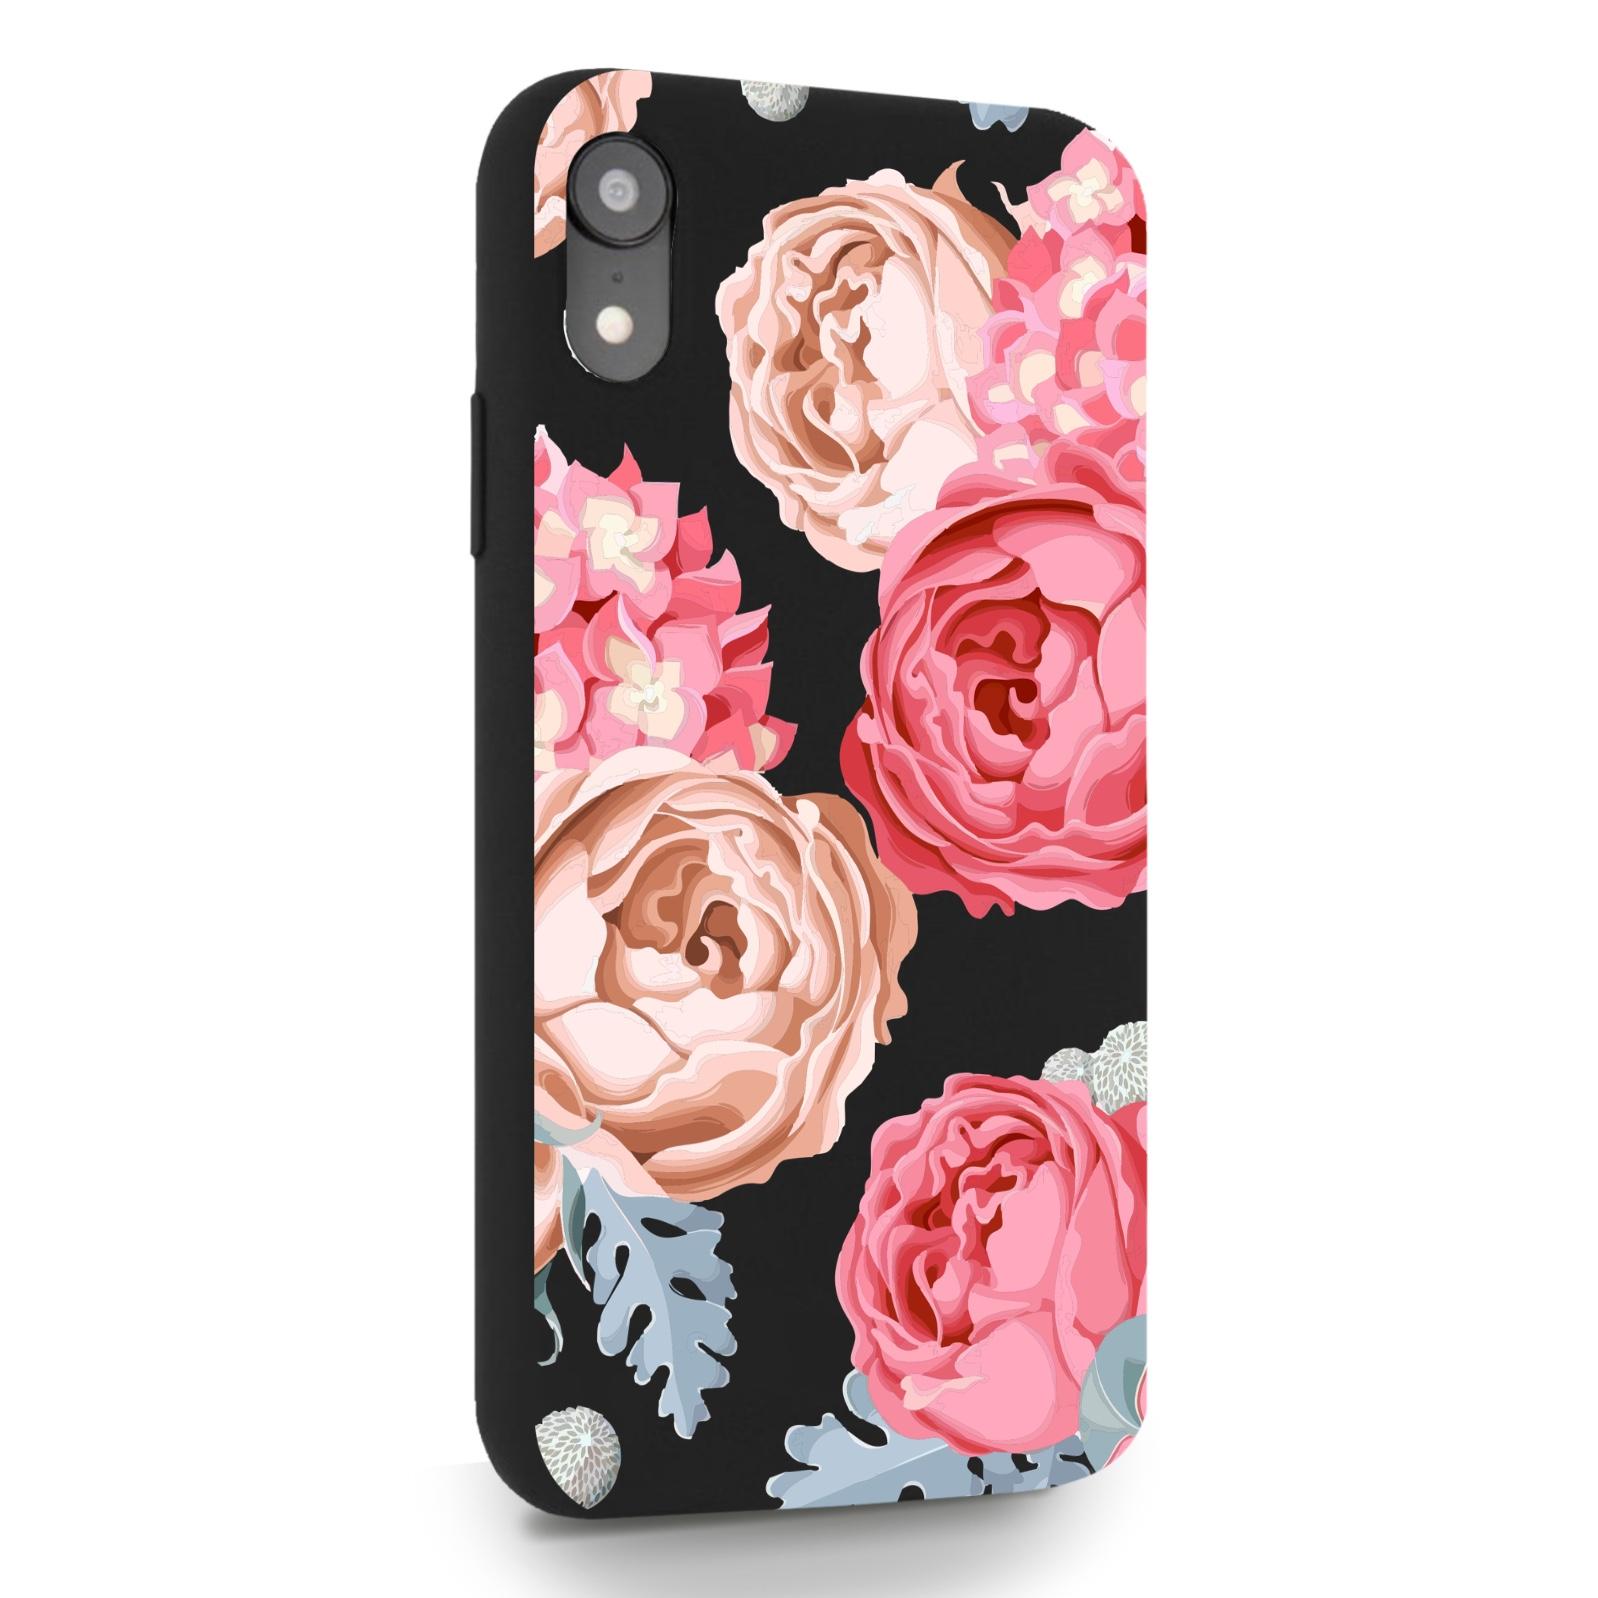 Черный силиконовый чехол для iPhone XR Пионы для Айфон 10R